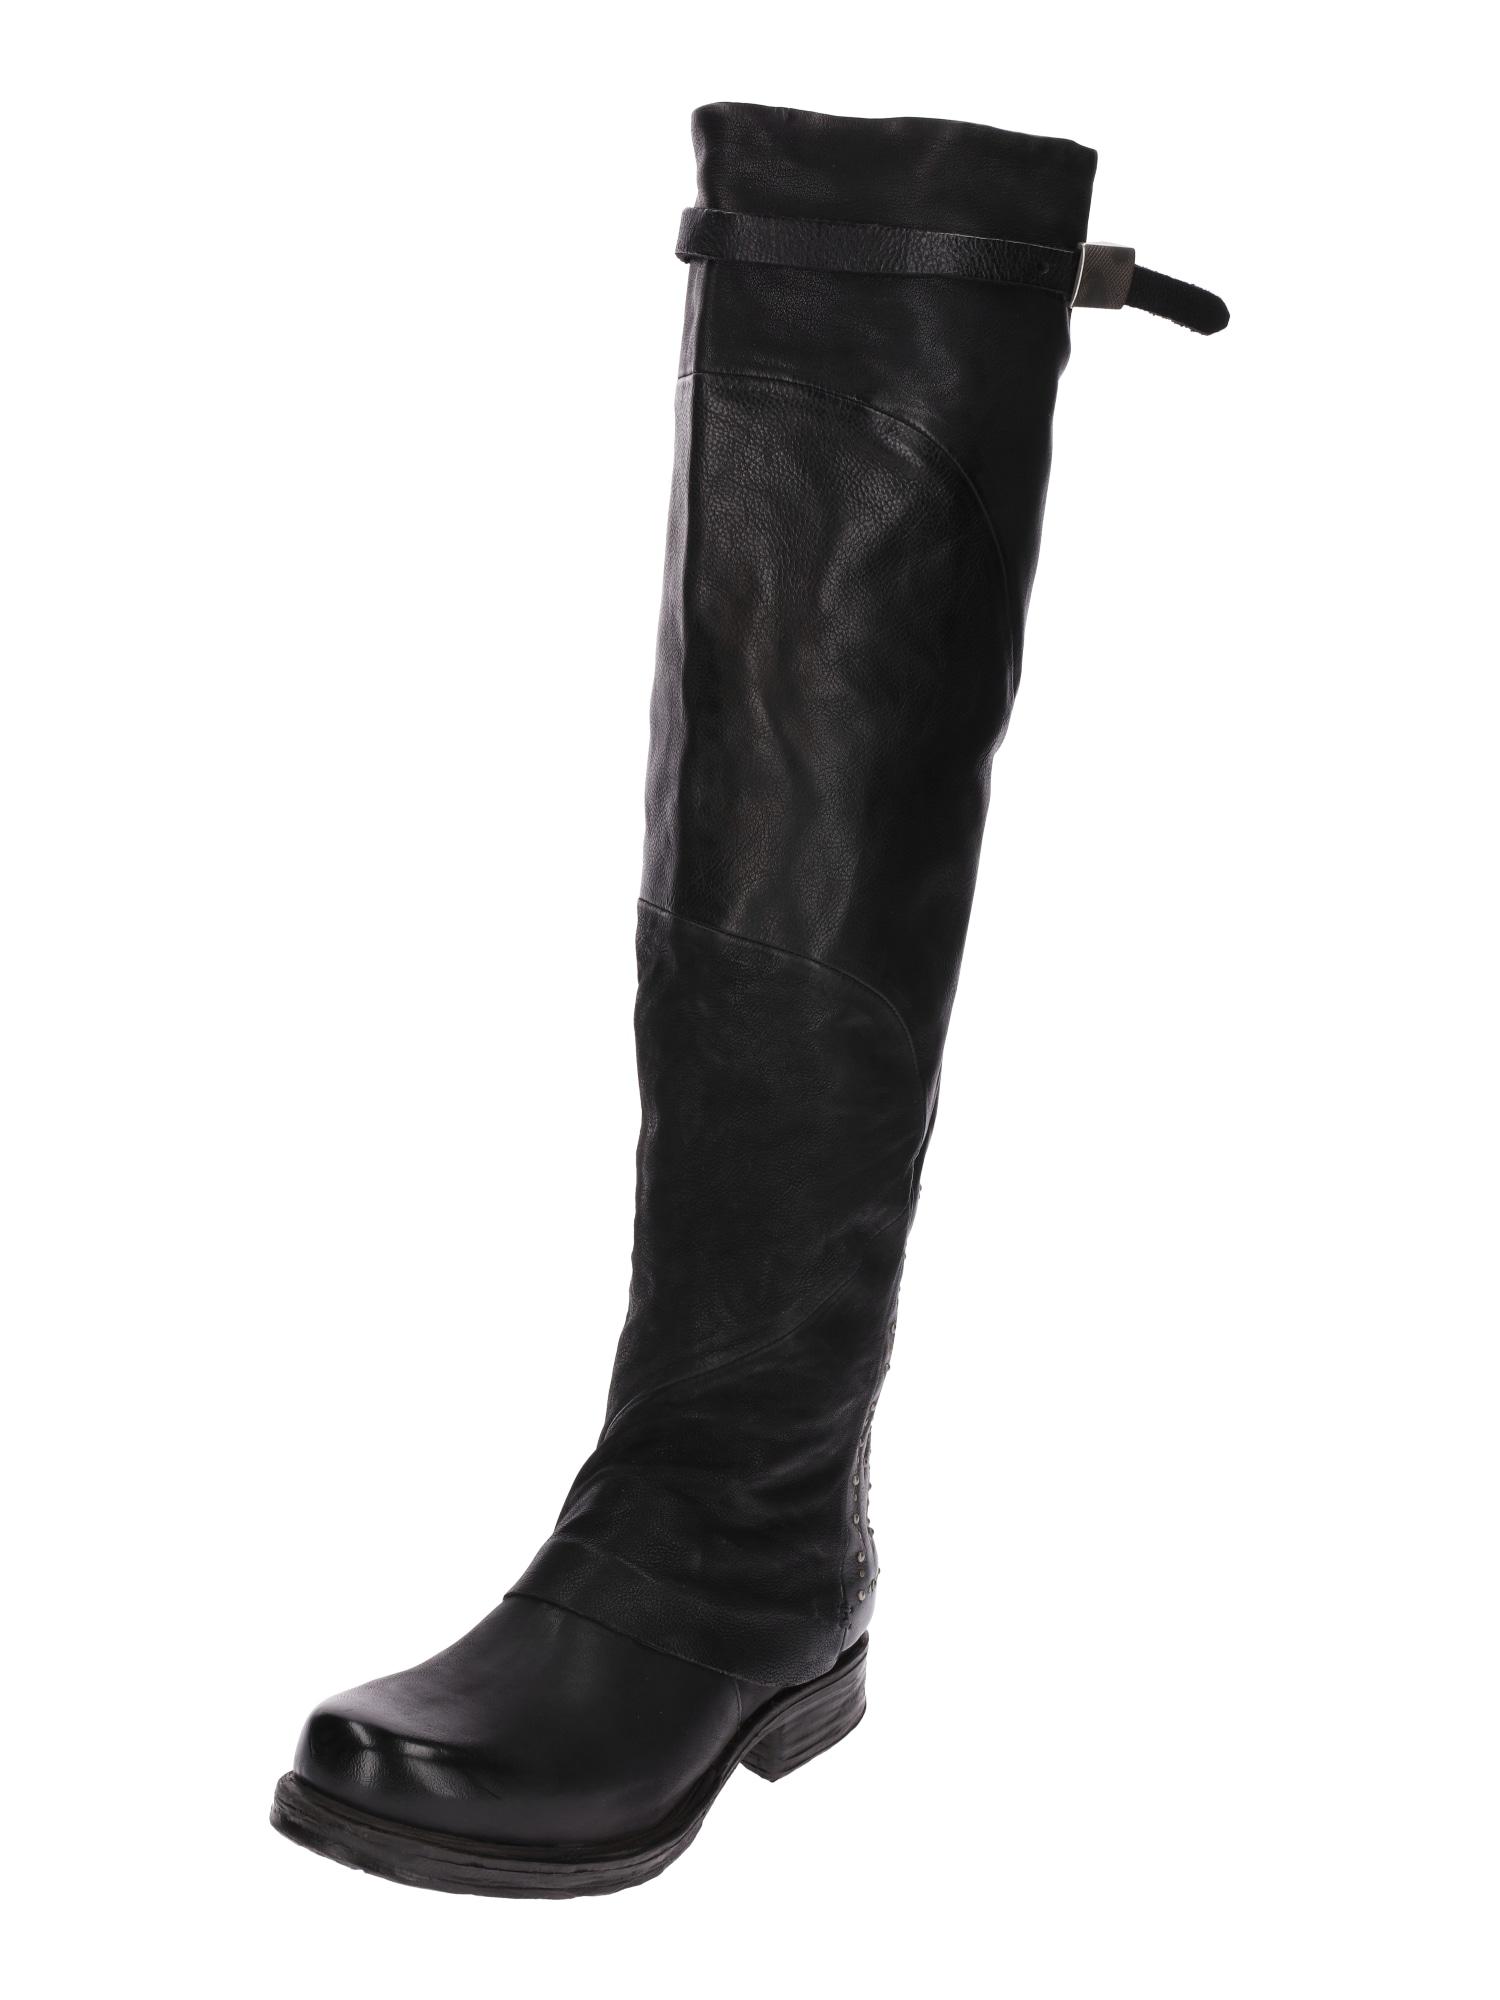 A.S.98, Dames Overknee laarzen 'SAINTEC', zwart